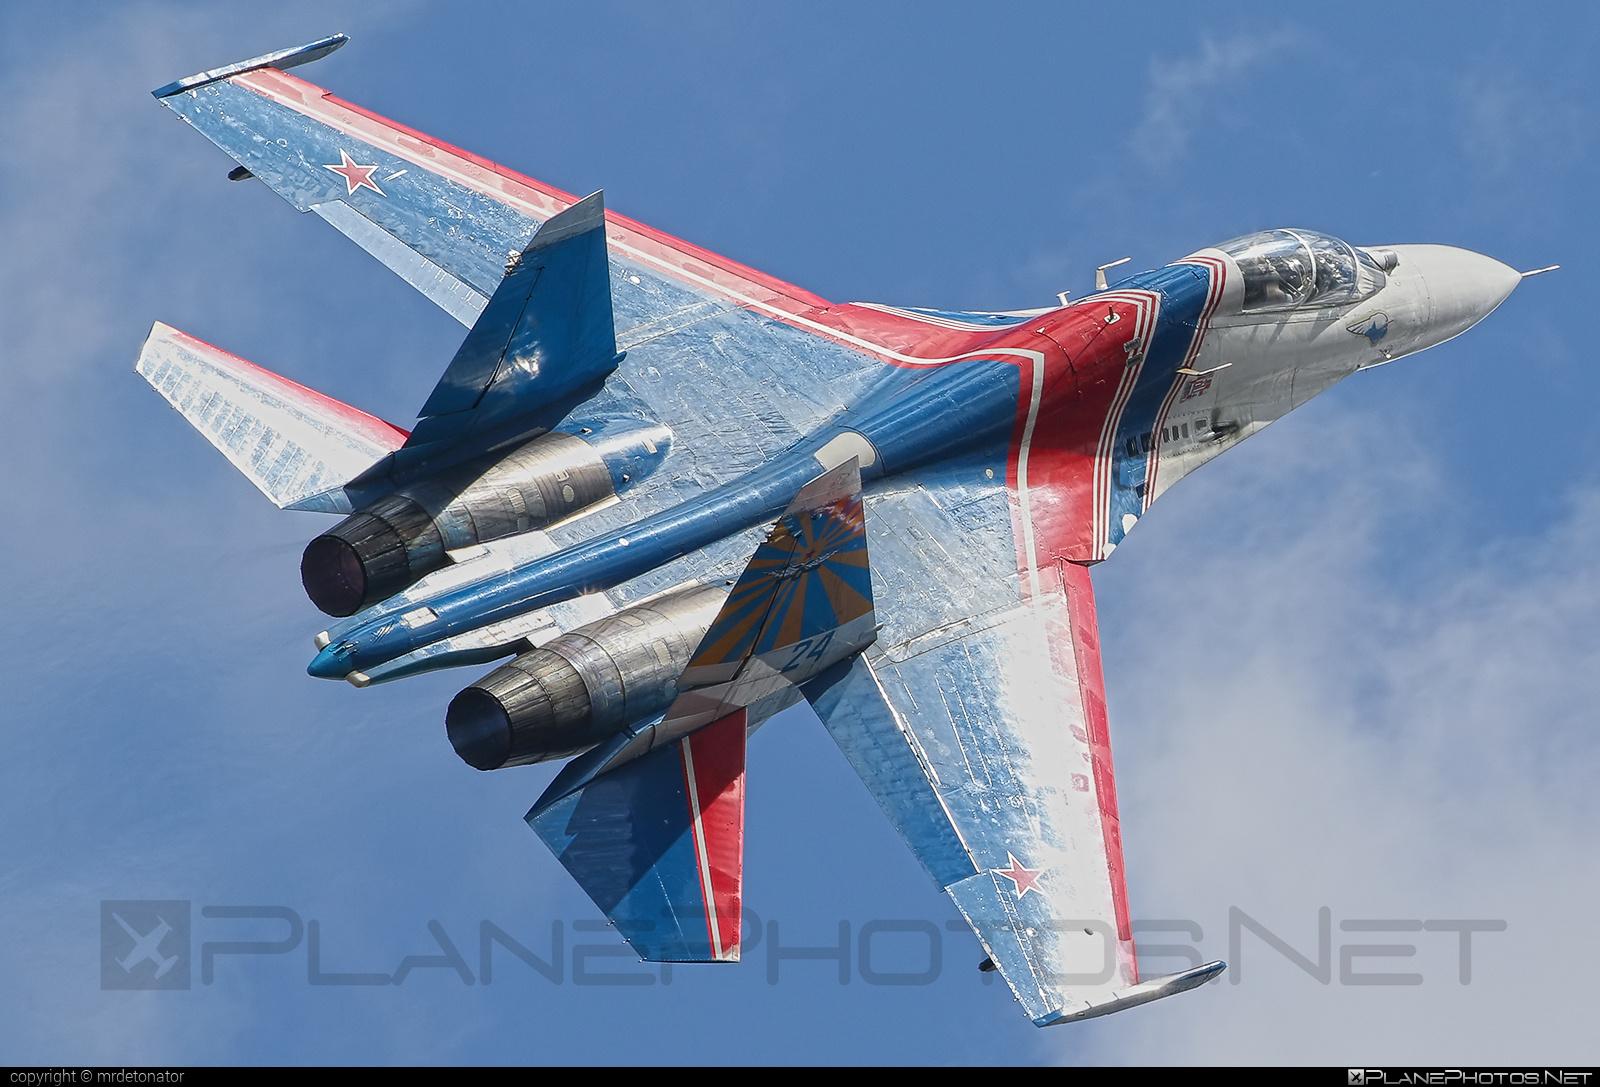 Sukhoi Su-27UB - 24 operated by Voyenno-vozdushnye sily Rossii (Russian Air Force) #maks2015 #su27 #su27ub #sukhoi #sukhoi27